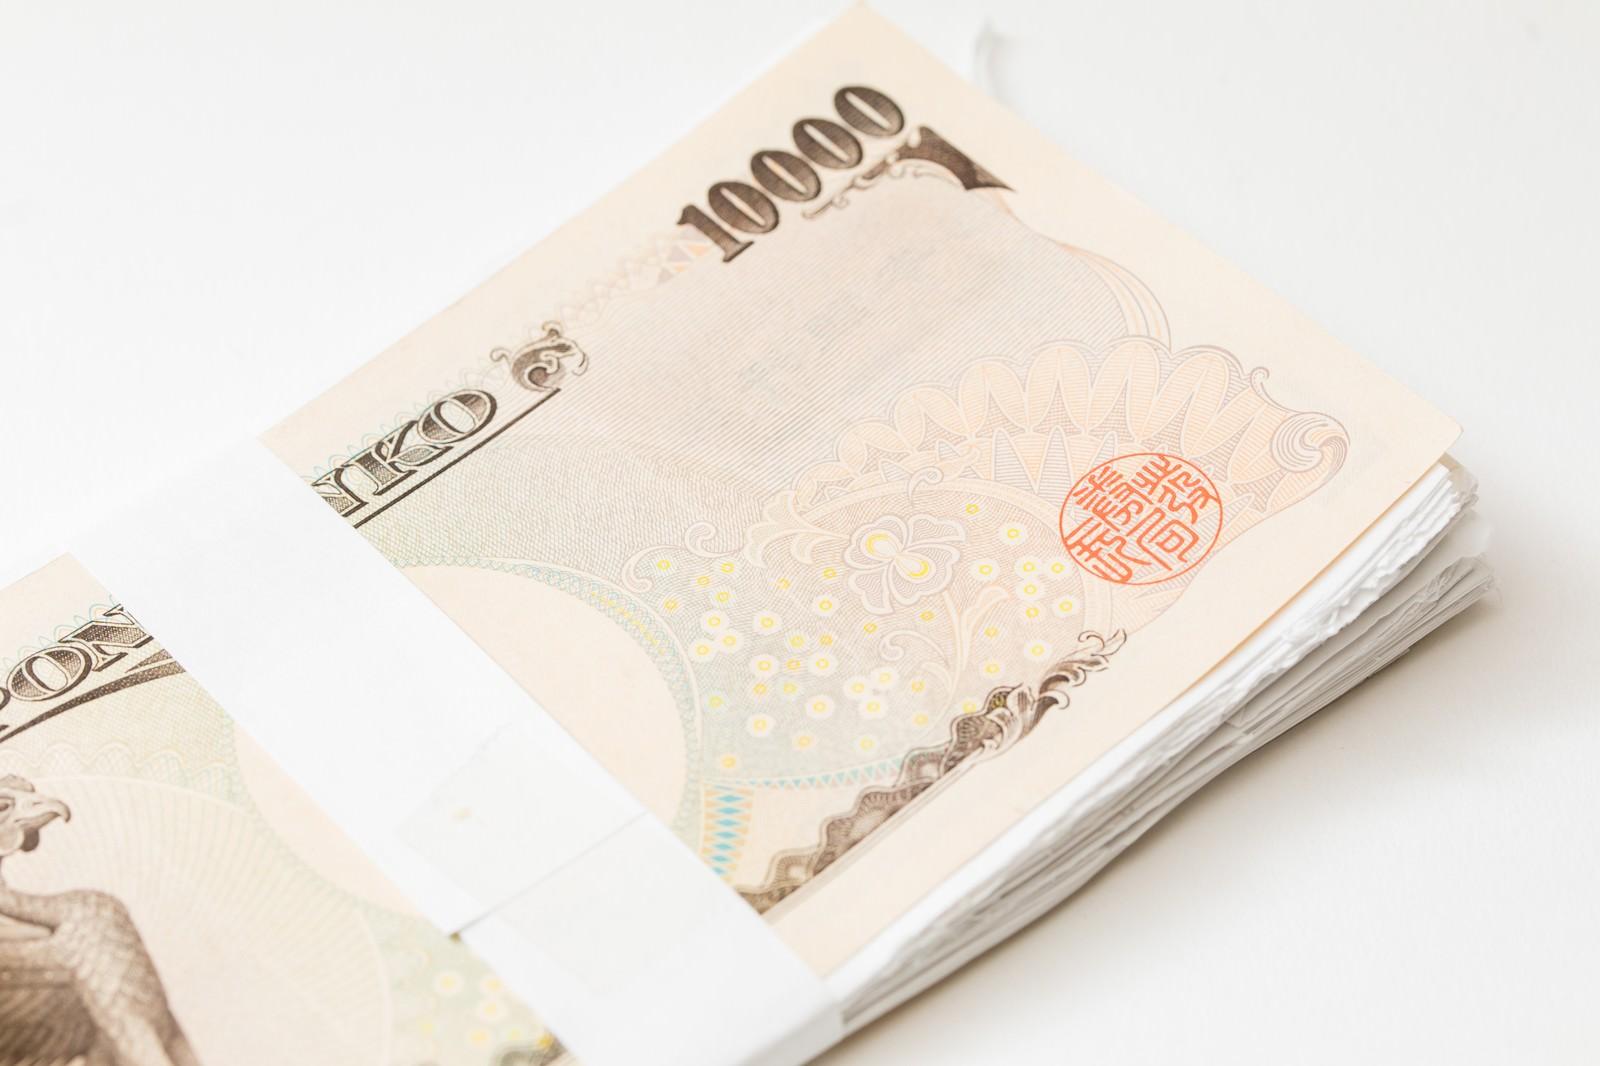 「一万円の札束風(自作)」の写真